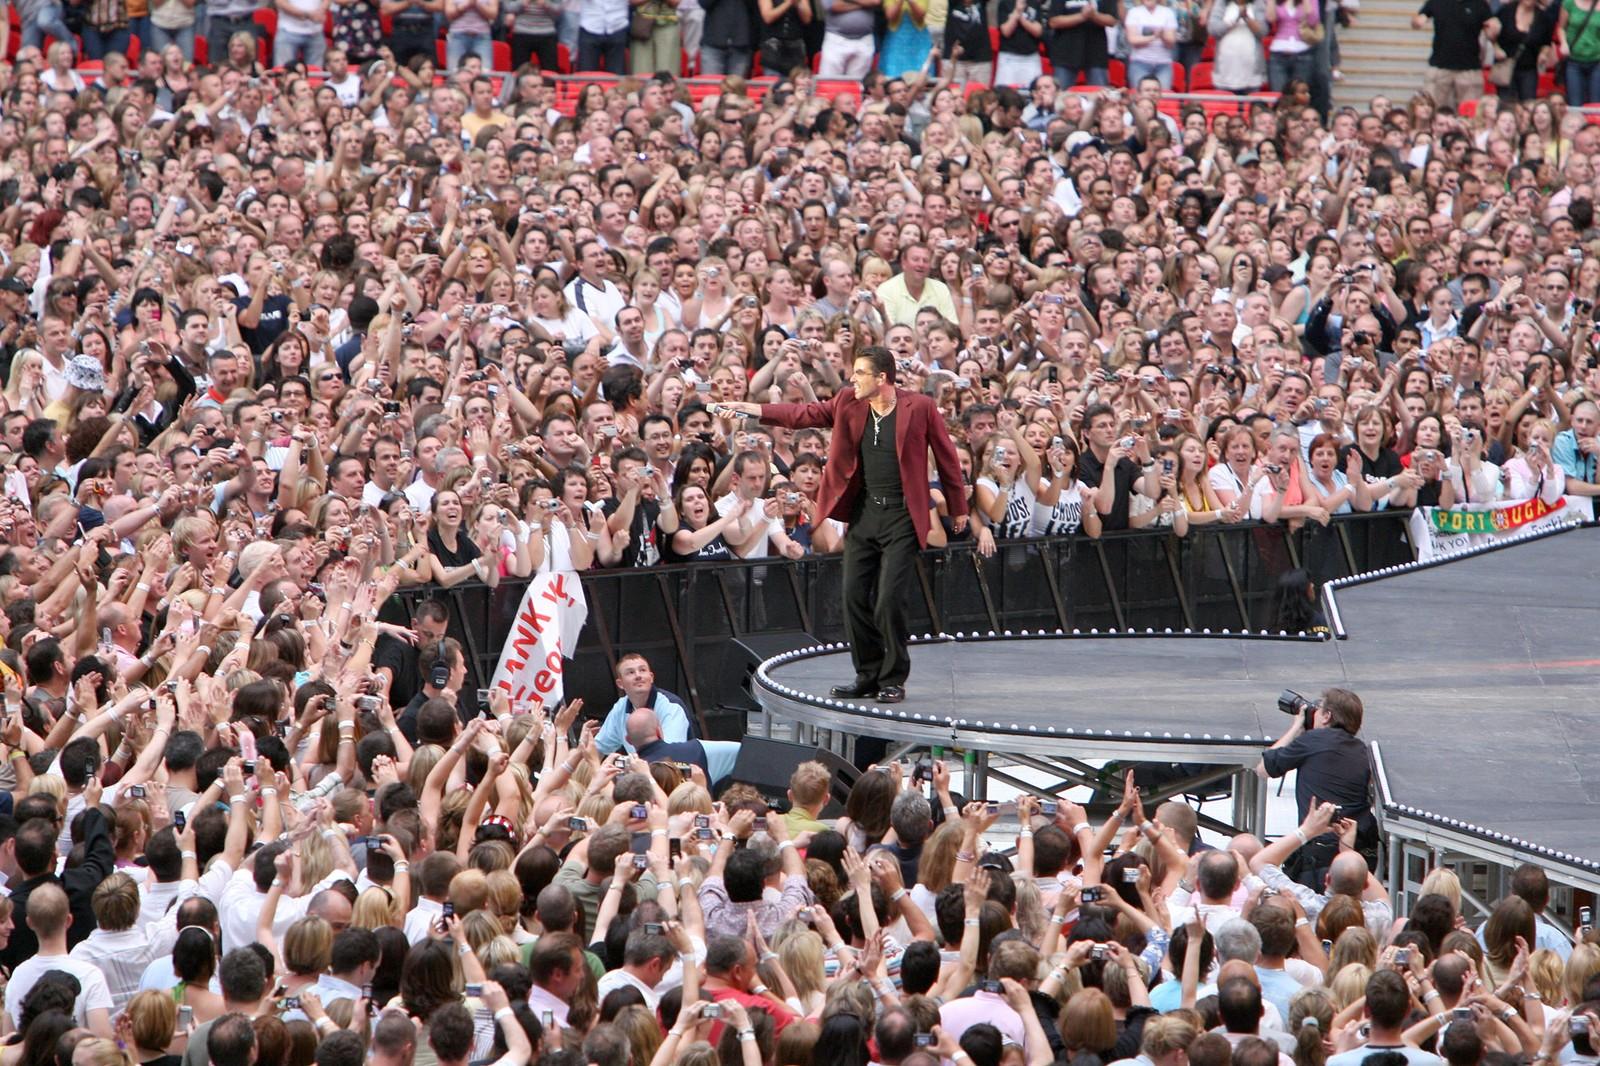 2007: George Michael på Wembley stadion i London, etter å ha turnert 41 land på sin 25-års jubileumsturne. Turneen var en enorm suksess og de over 100 konsertene ble besøkt av over to millioner fans.